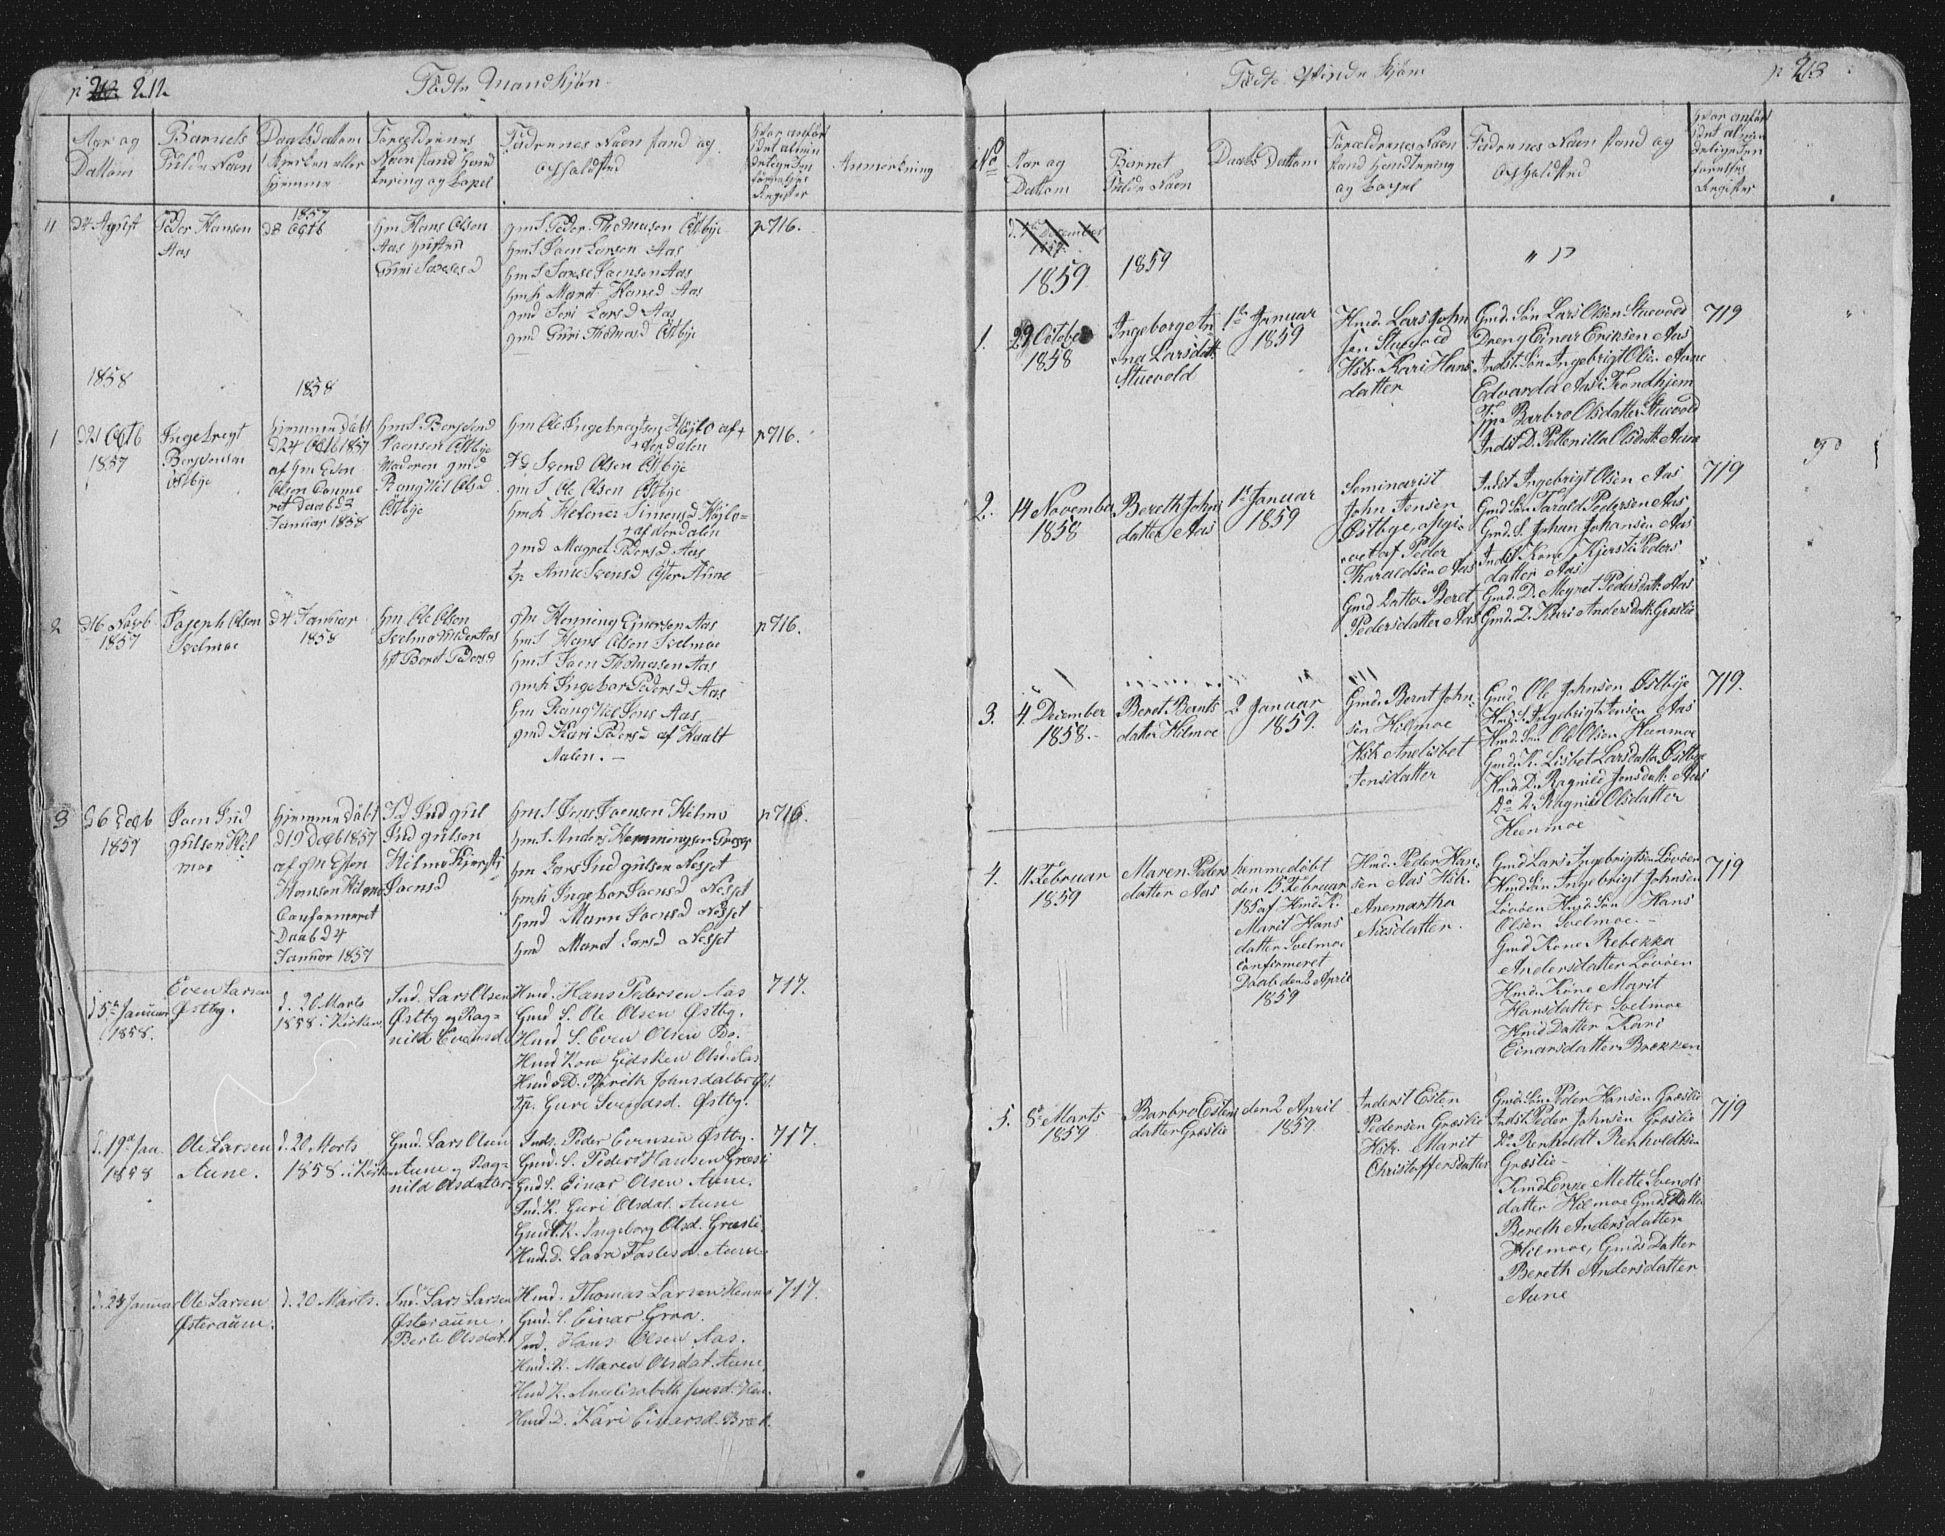 SAT, Ministerialprotokoller, klokkerbøker og fødselsregistre - Sør-Trøndelag, 698/L1165: Klokkerbok nr. 698C02, 1851-1861, s. 212-213